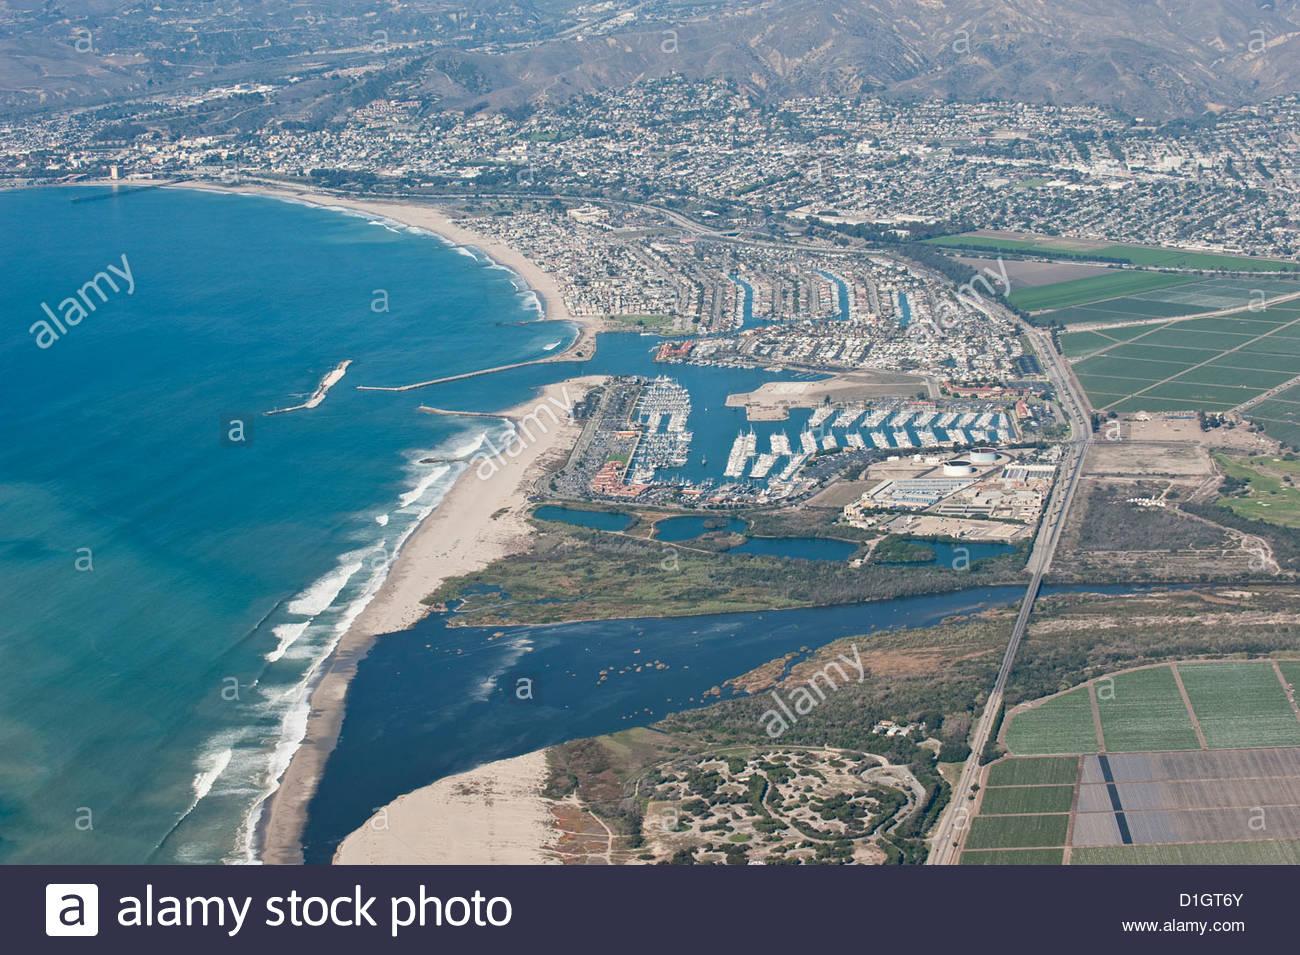 Luftaufnahme von Ventura Marina, Ventura, California, Vereinigte Staaten von Amerika, Nordamerika Stockbild